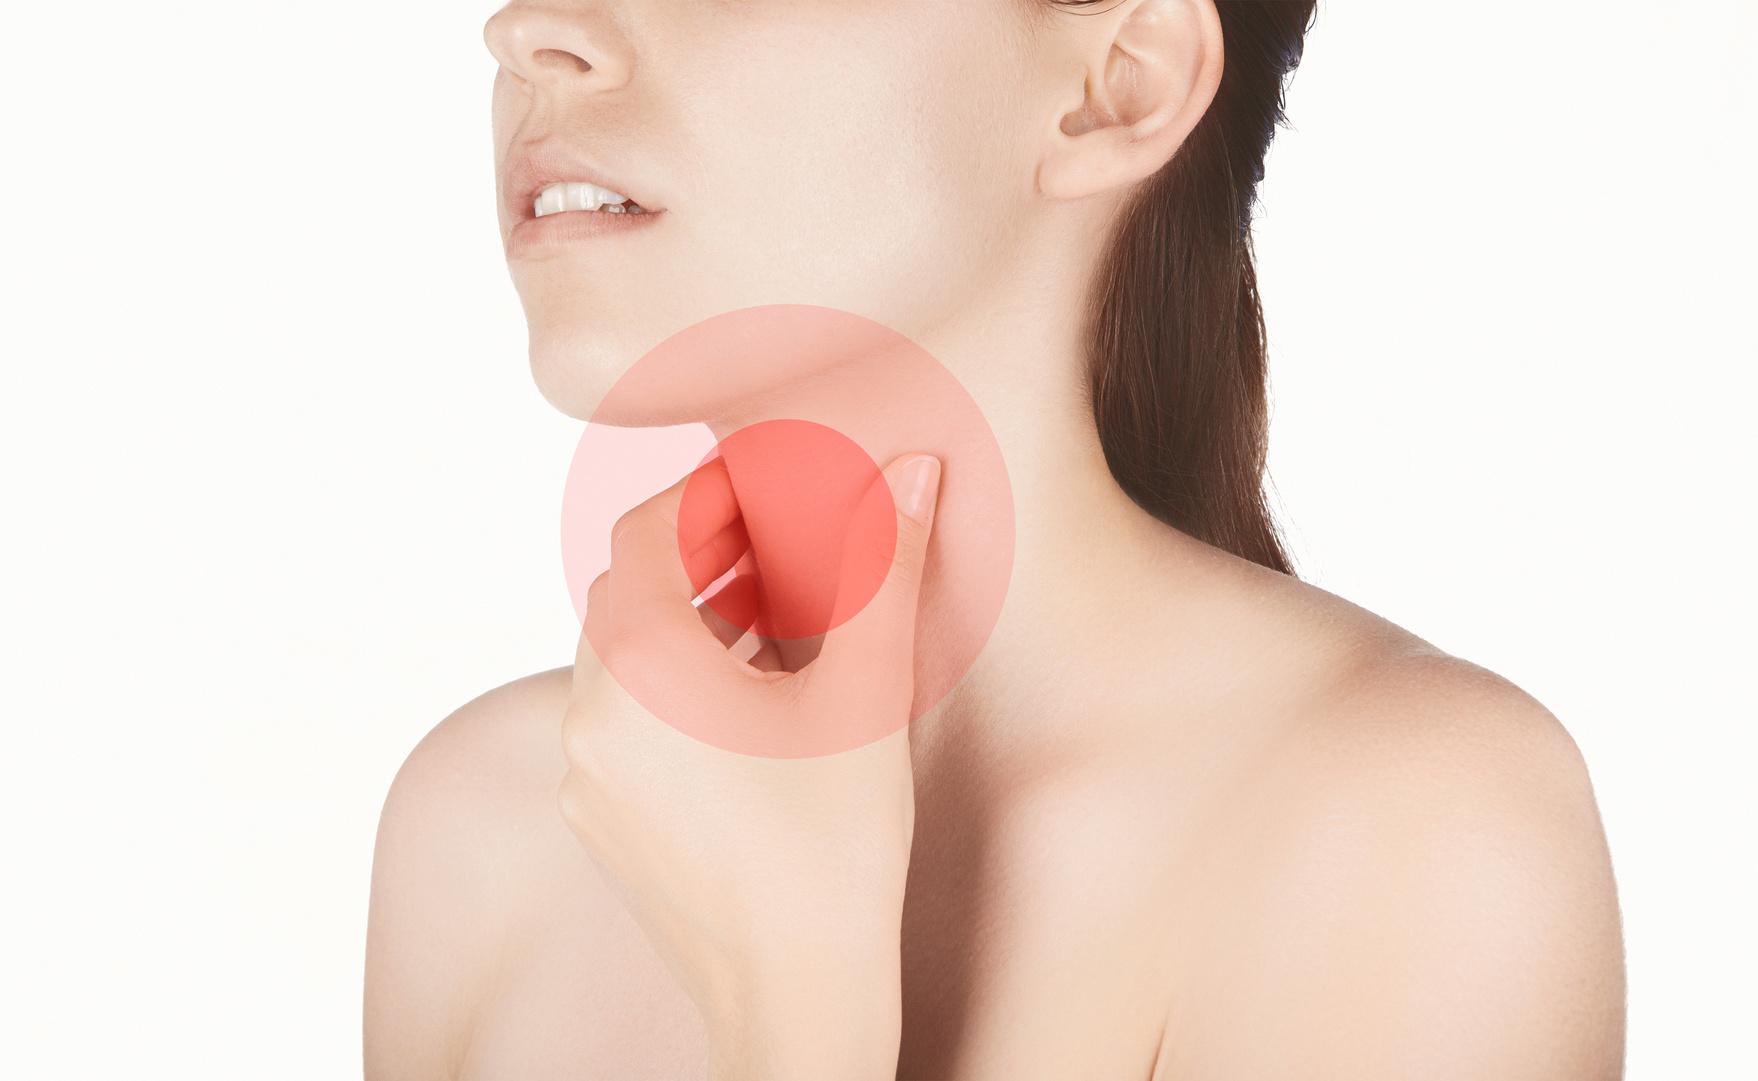 声帯ポリープ 耳鼻咽喉科の名医